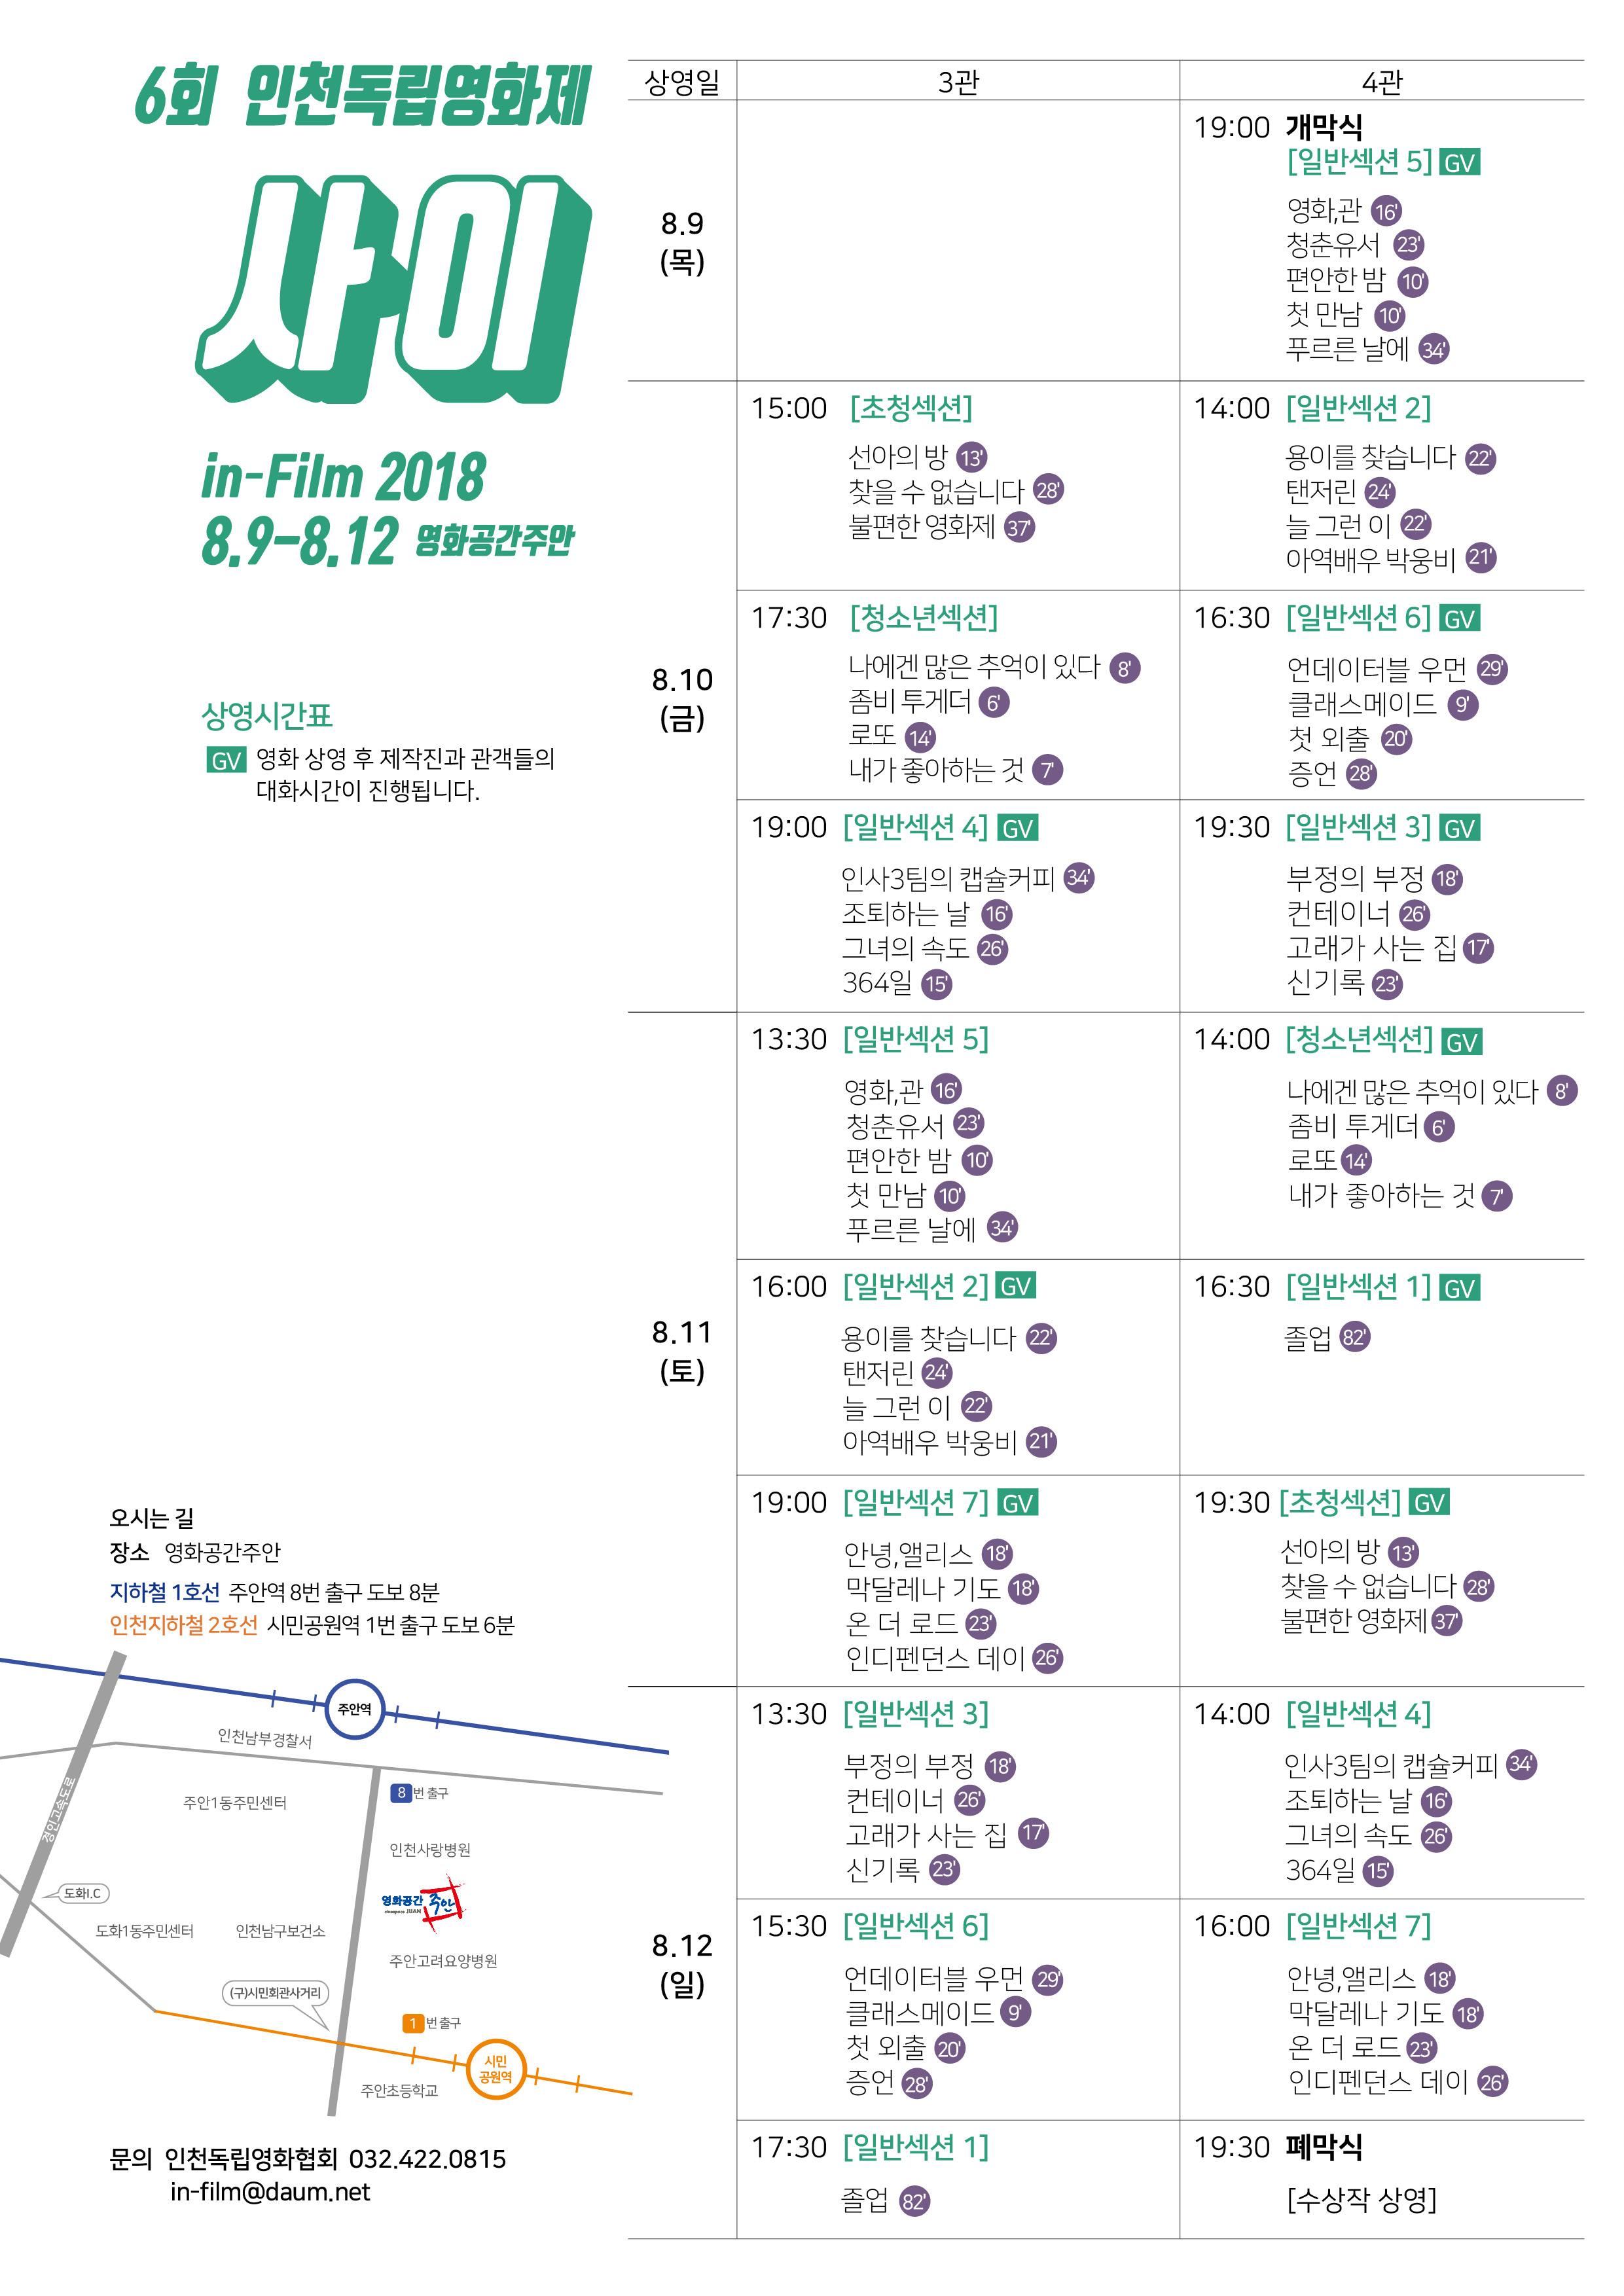 6회 인천독립영화제 상영시간표 이미지.jpg